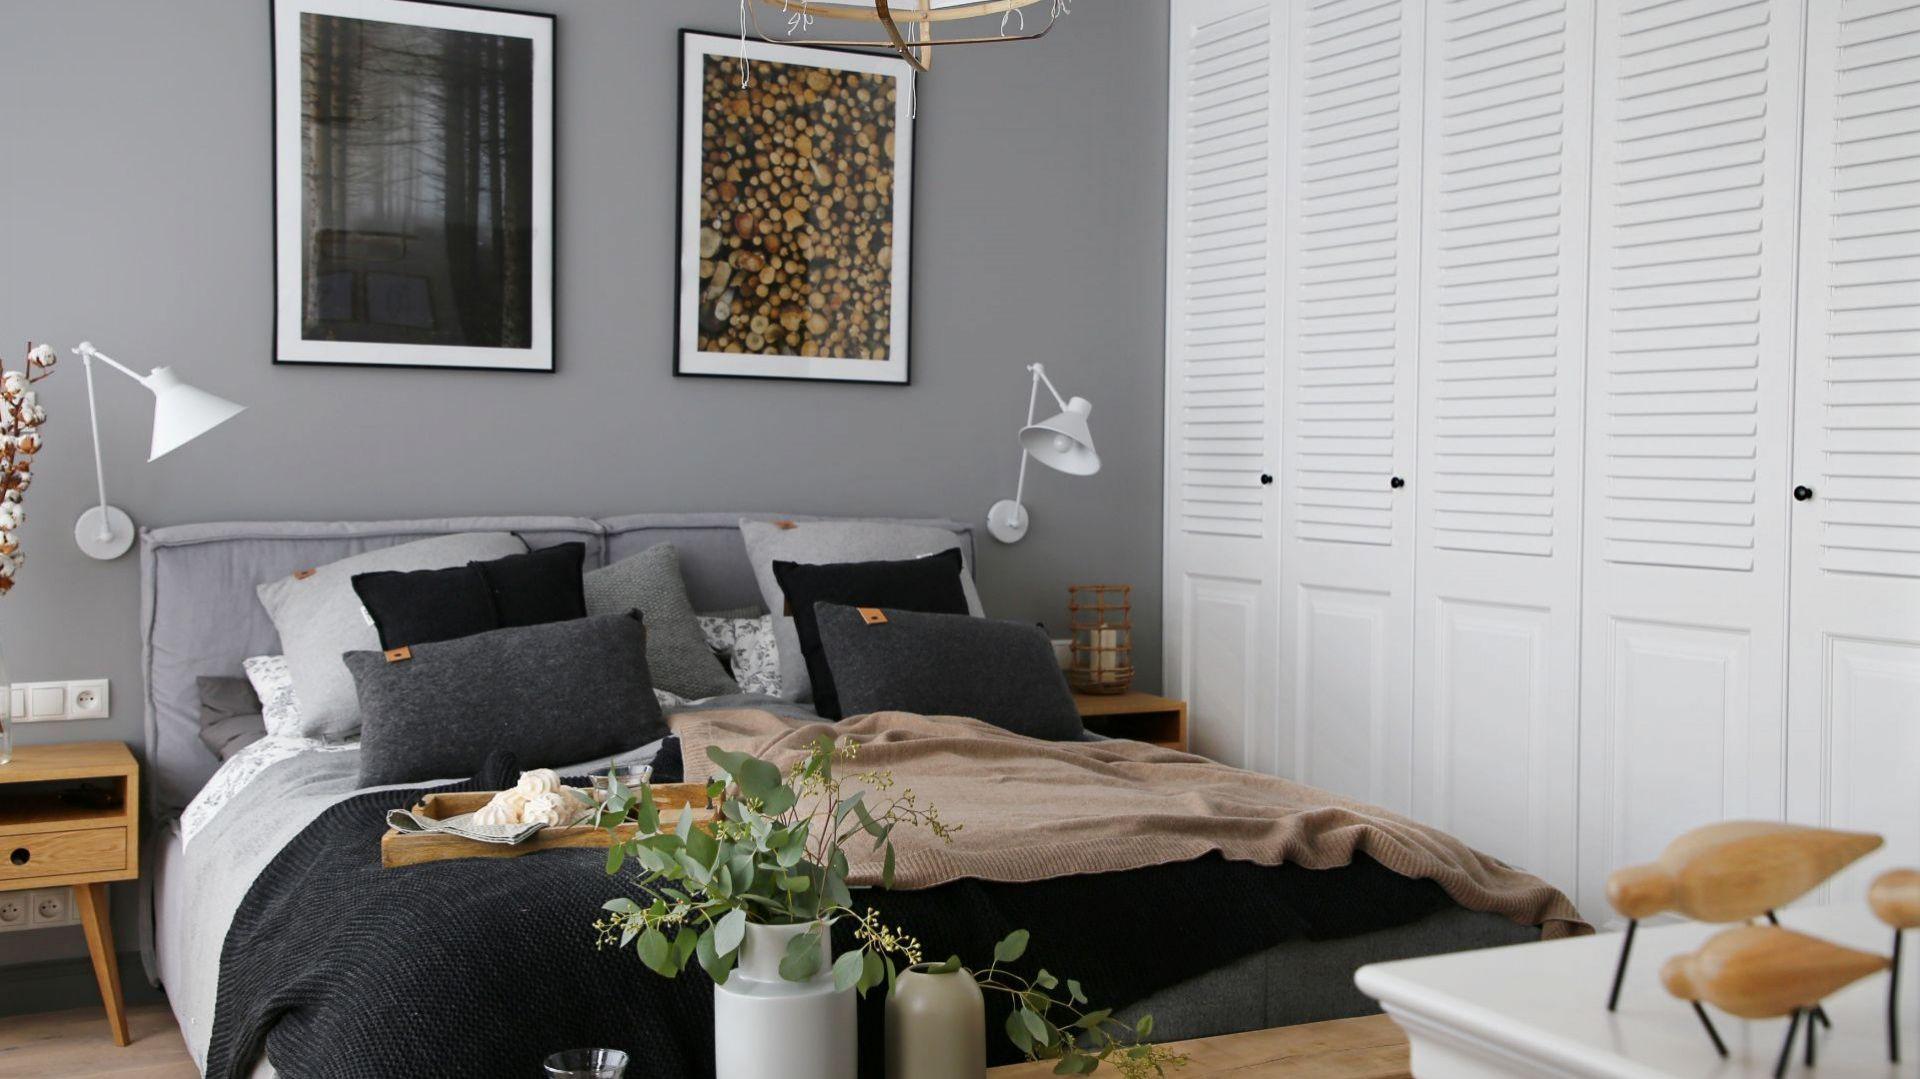 Ściana za łóżkiem wykończono szarą farbą doskonale pasujme do białych frontów szafy i jasnego wybarwienia drewna. Projekt wnętrza: SHOKO design